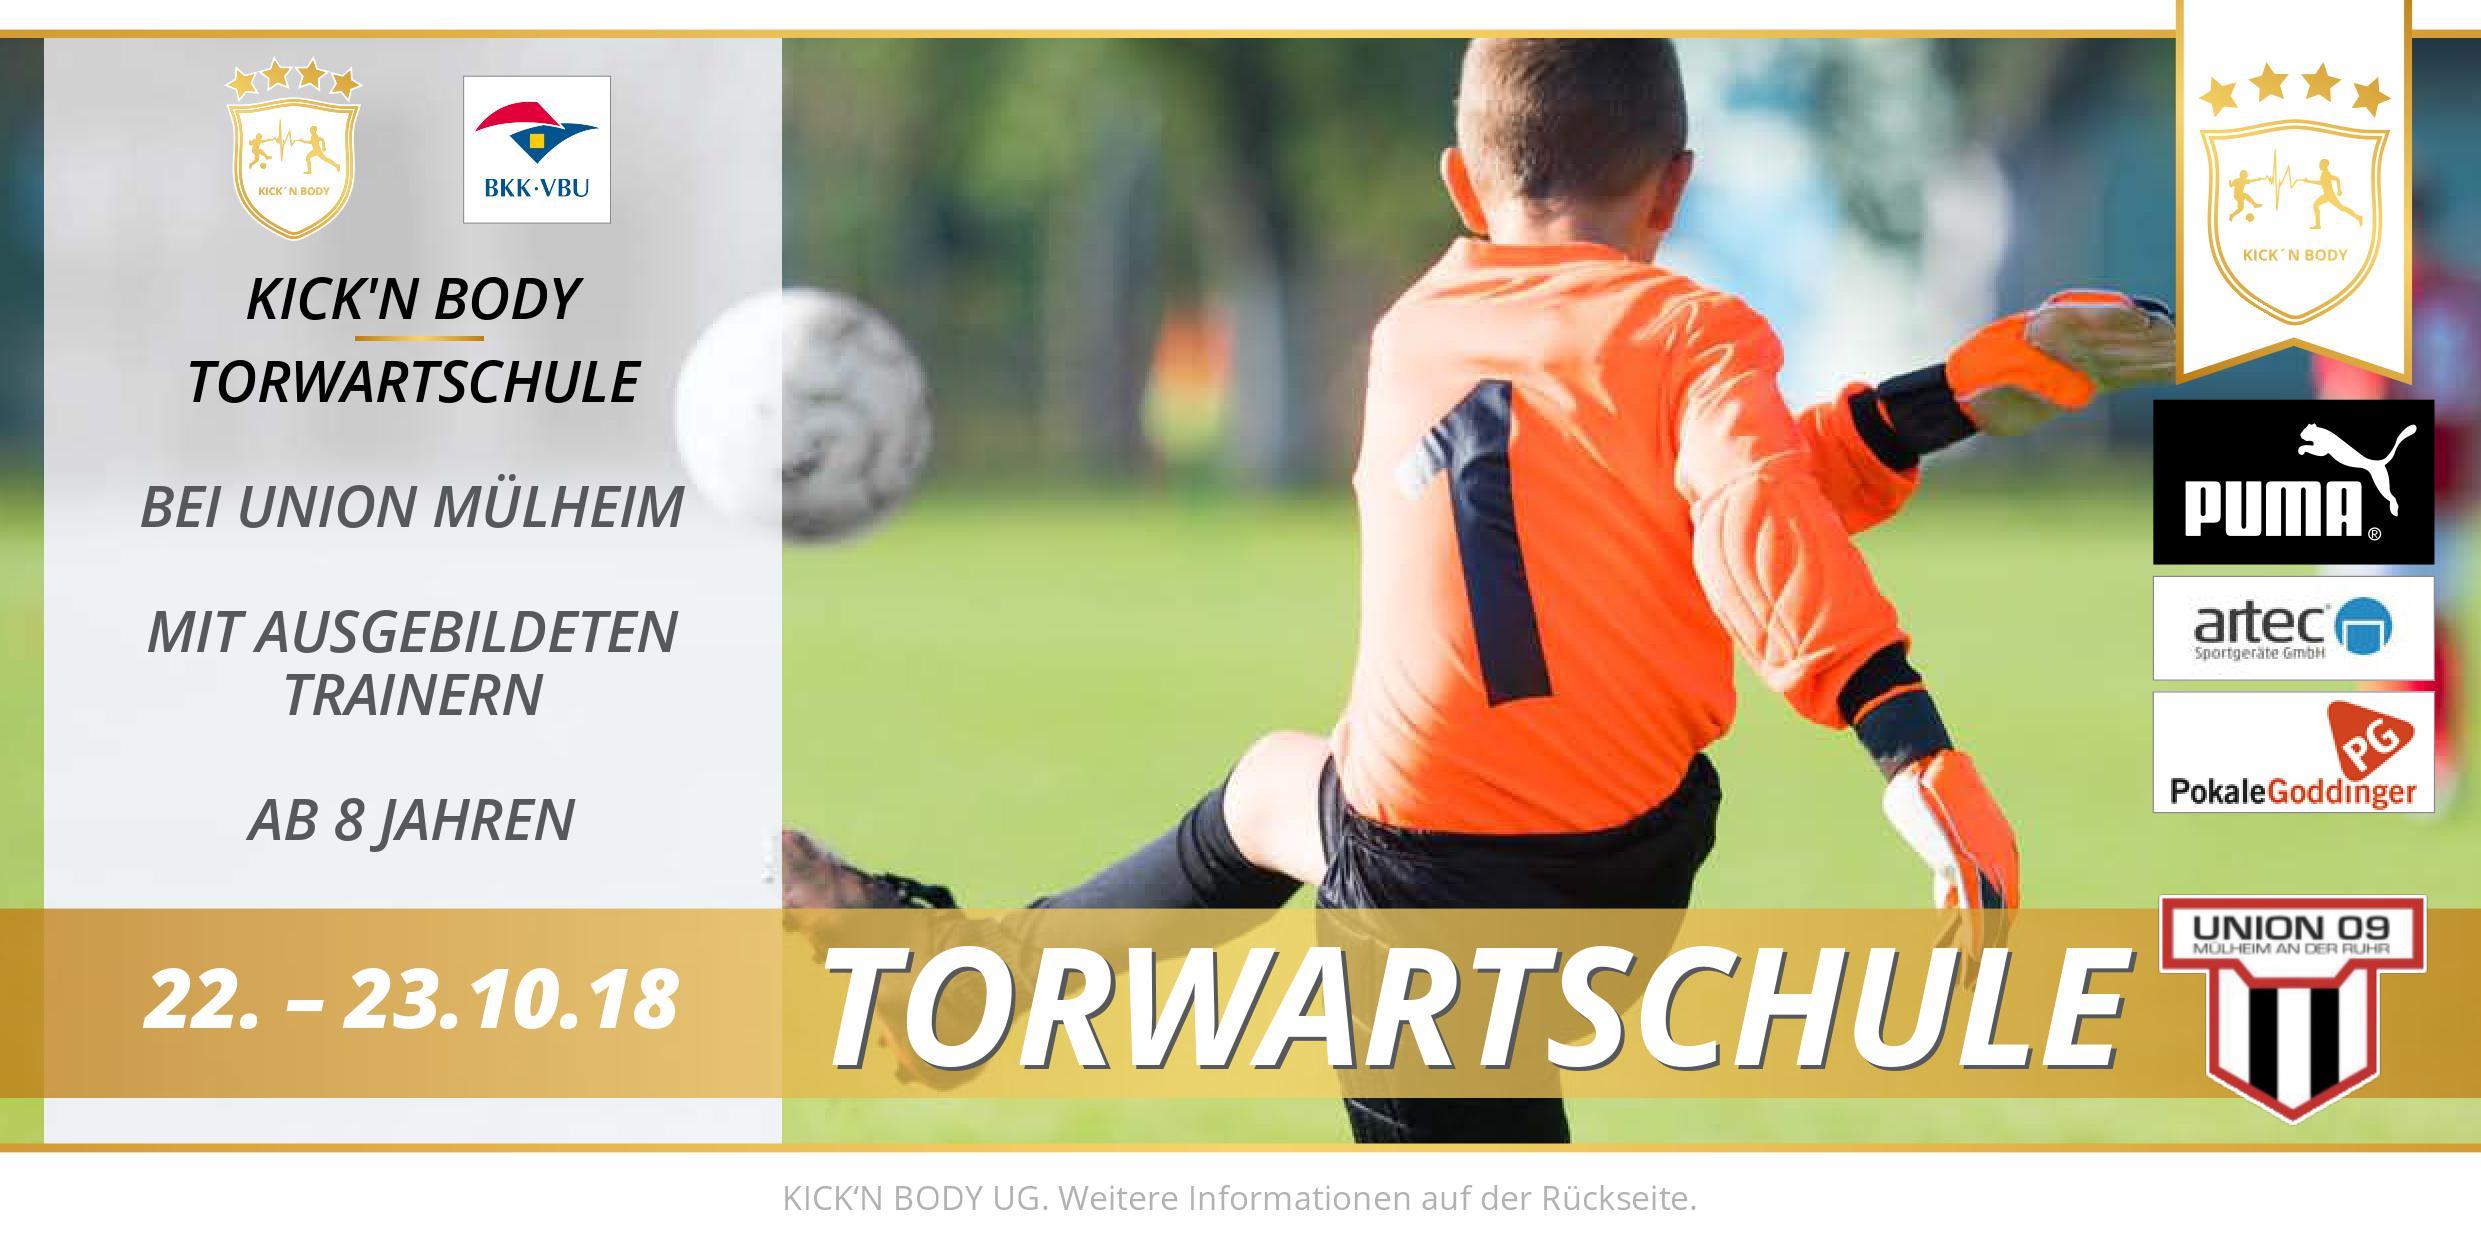 Kick'n'Body Torwartschule!